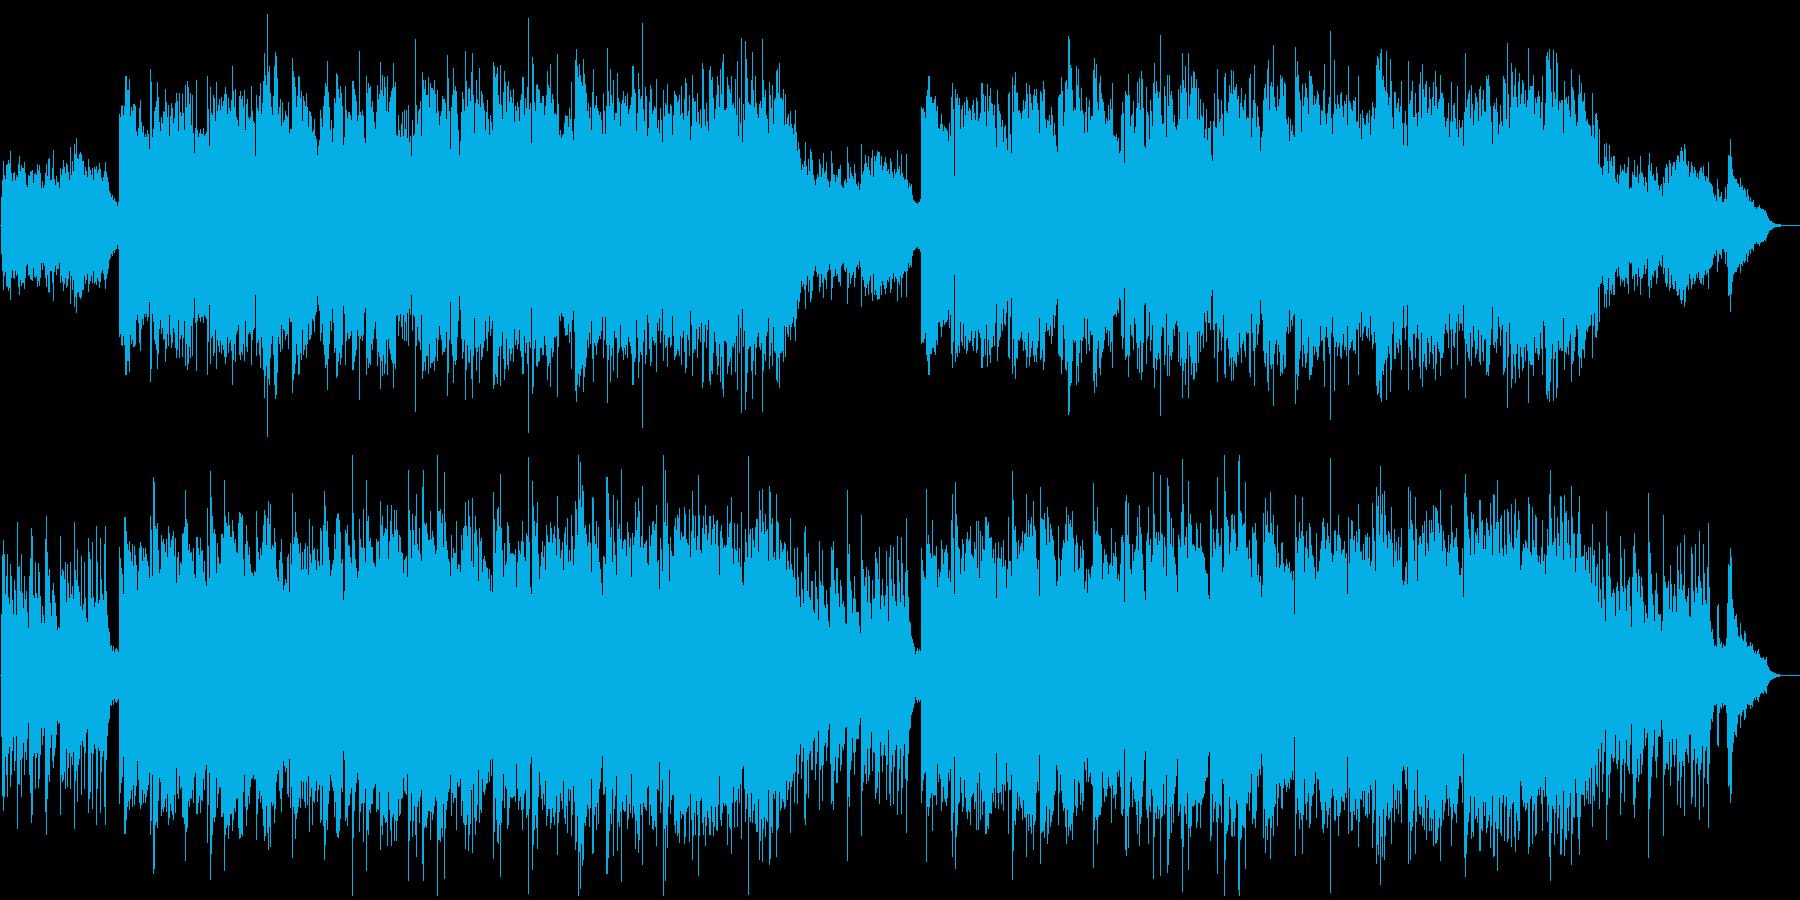 メロウで澄み渡るイメージのBGMの再生済みの波形